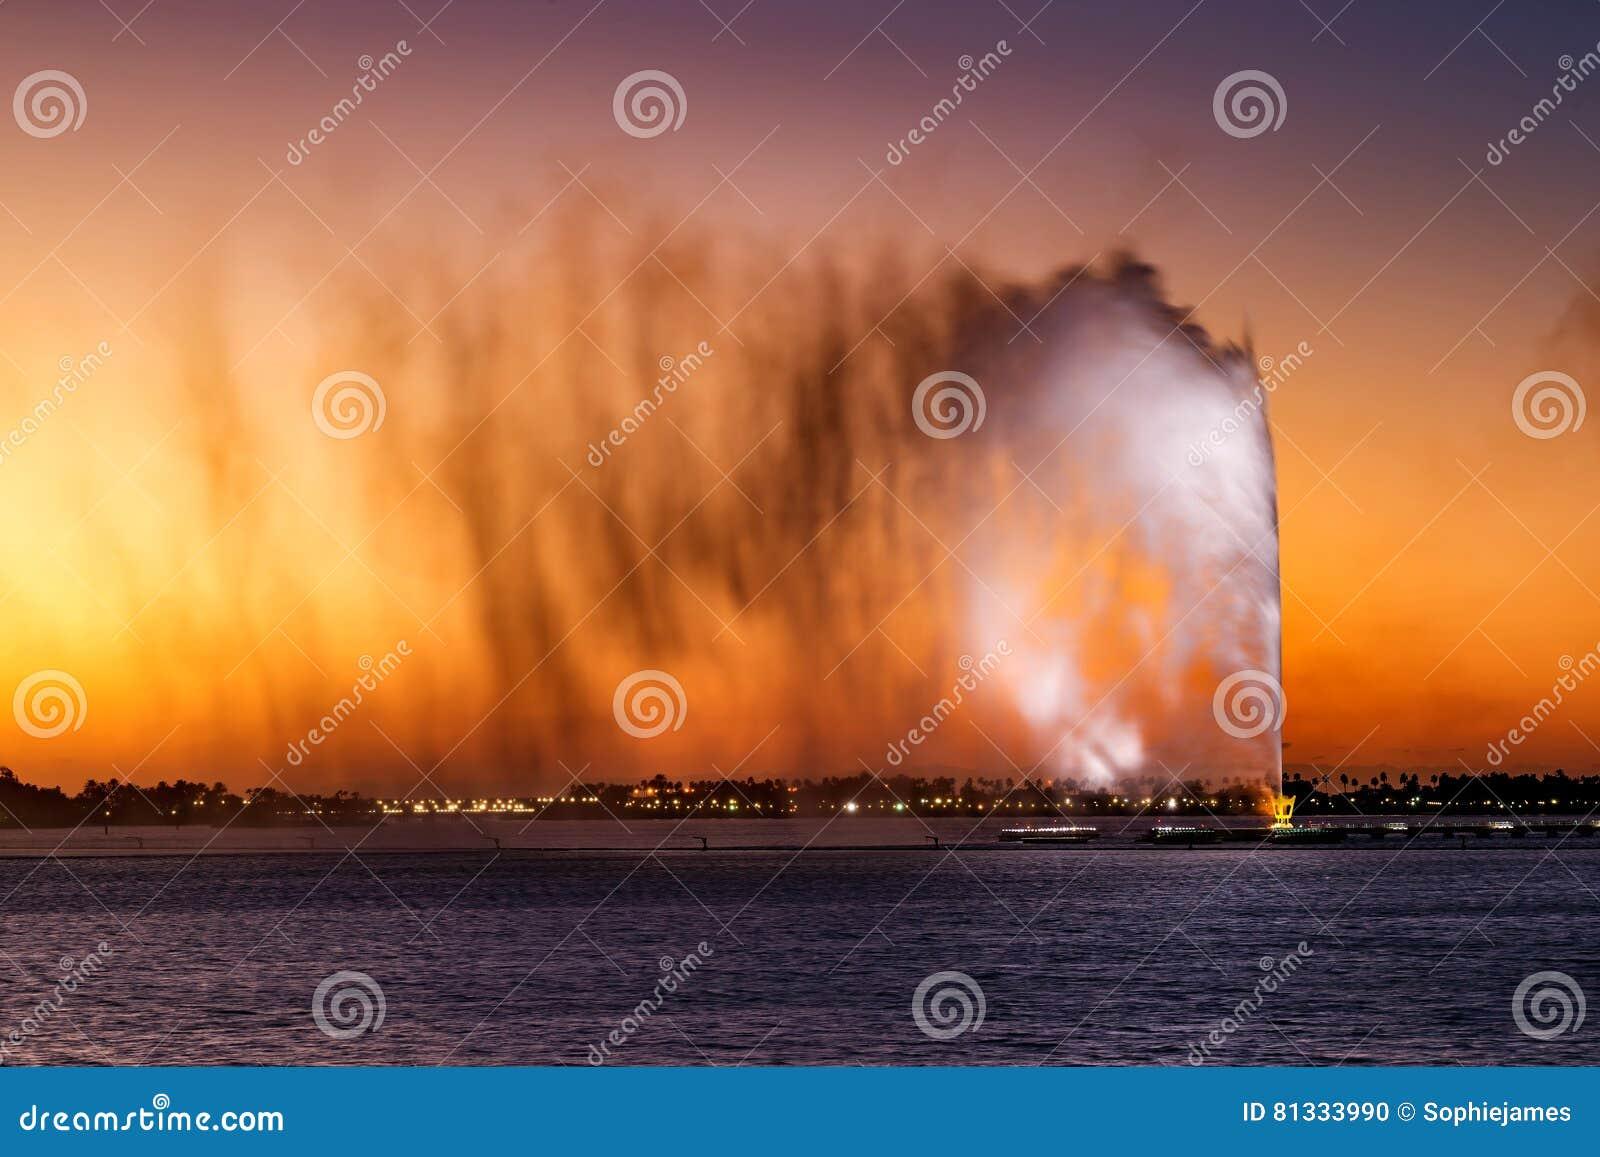 König Fahd ` s Brunnen, alias der Dschidda-Brunnen in Dschidda, Saudi-Arabien